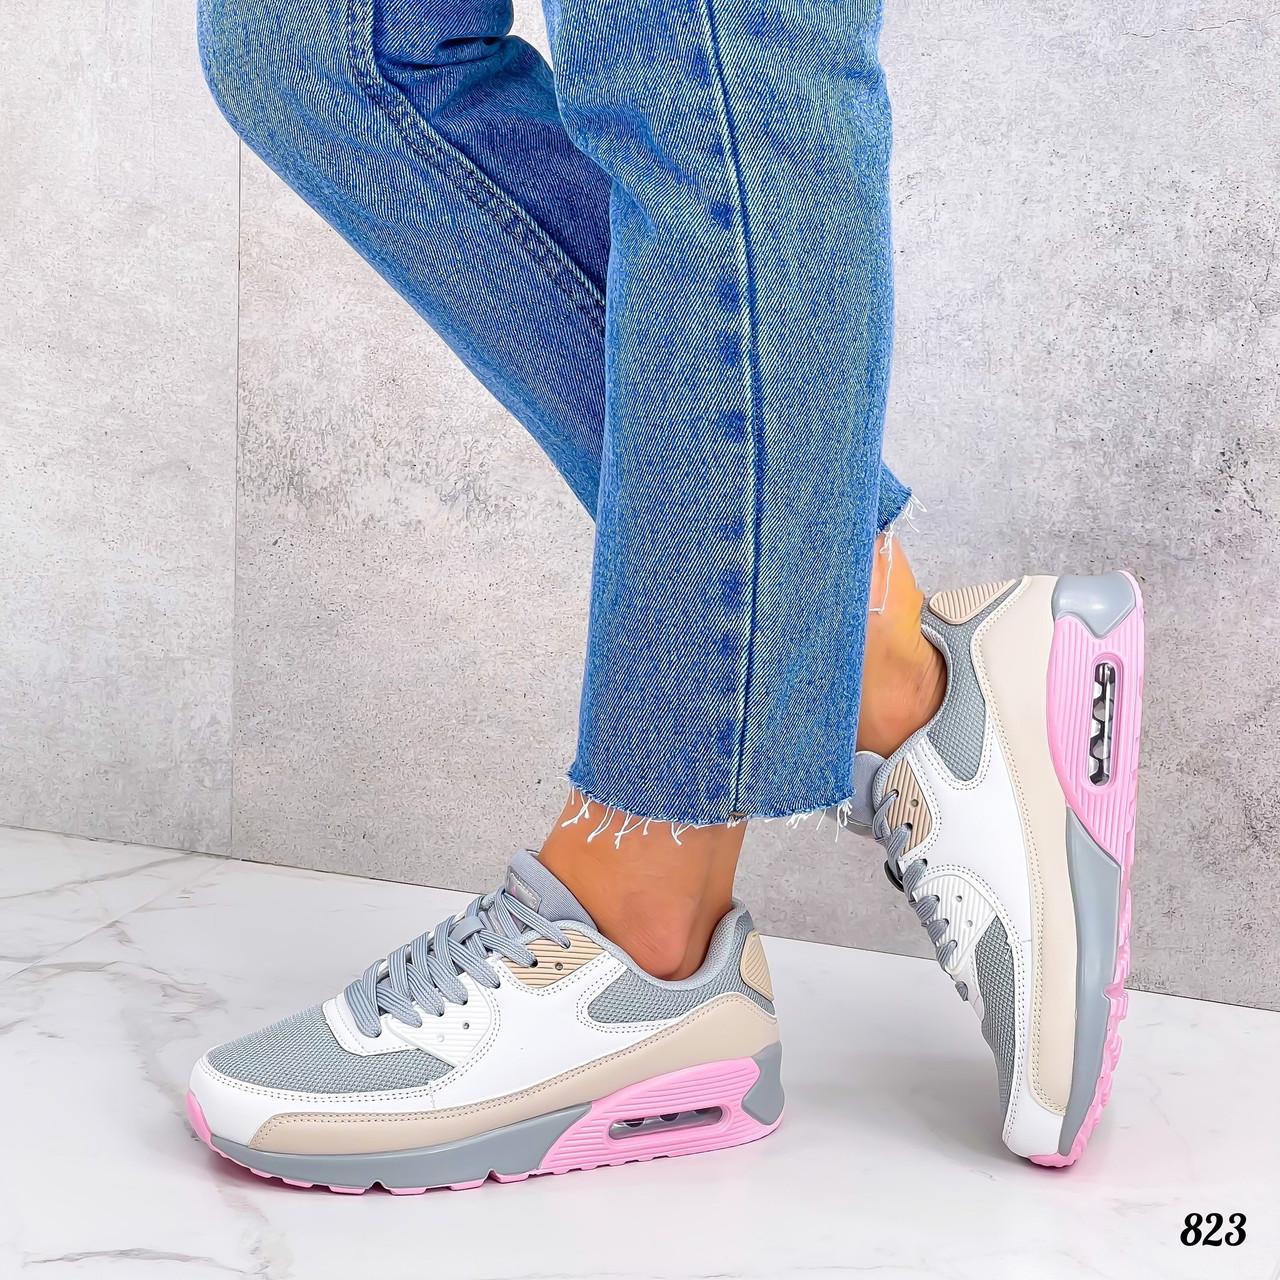 Женские кроссовки из эко кожи и текстиля 36-40 р серый+розовый+белый